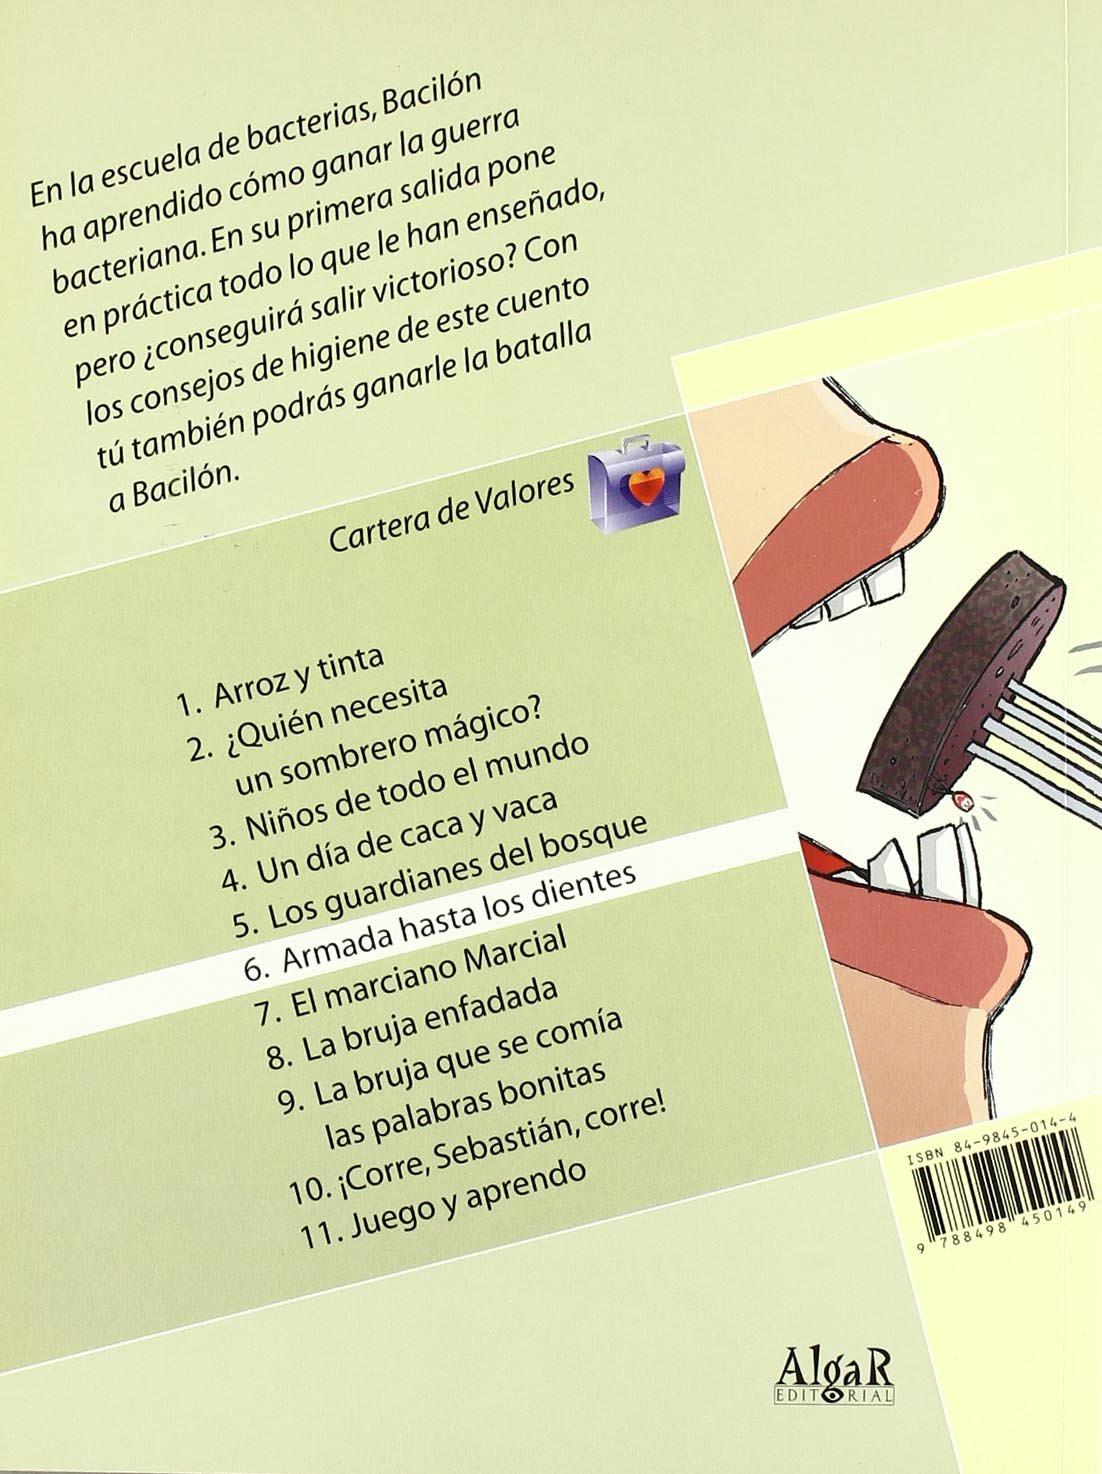 Amazon.com: Armada hasta los dientes / Armed to the Teeth (Cartera De Valores) (Spanish Edition) (9788498450149): Miquel Desclot, Susana Campillo: Books